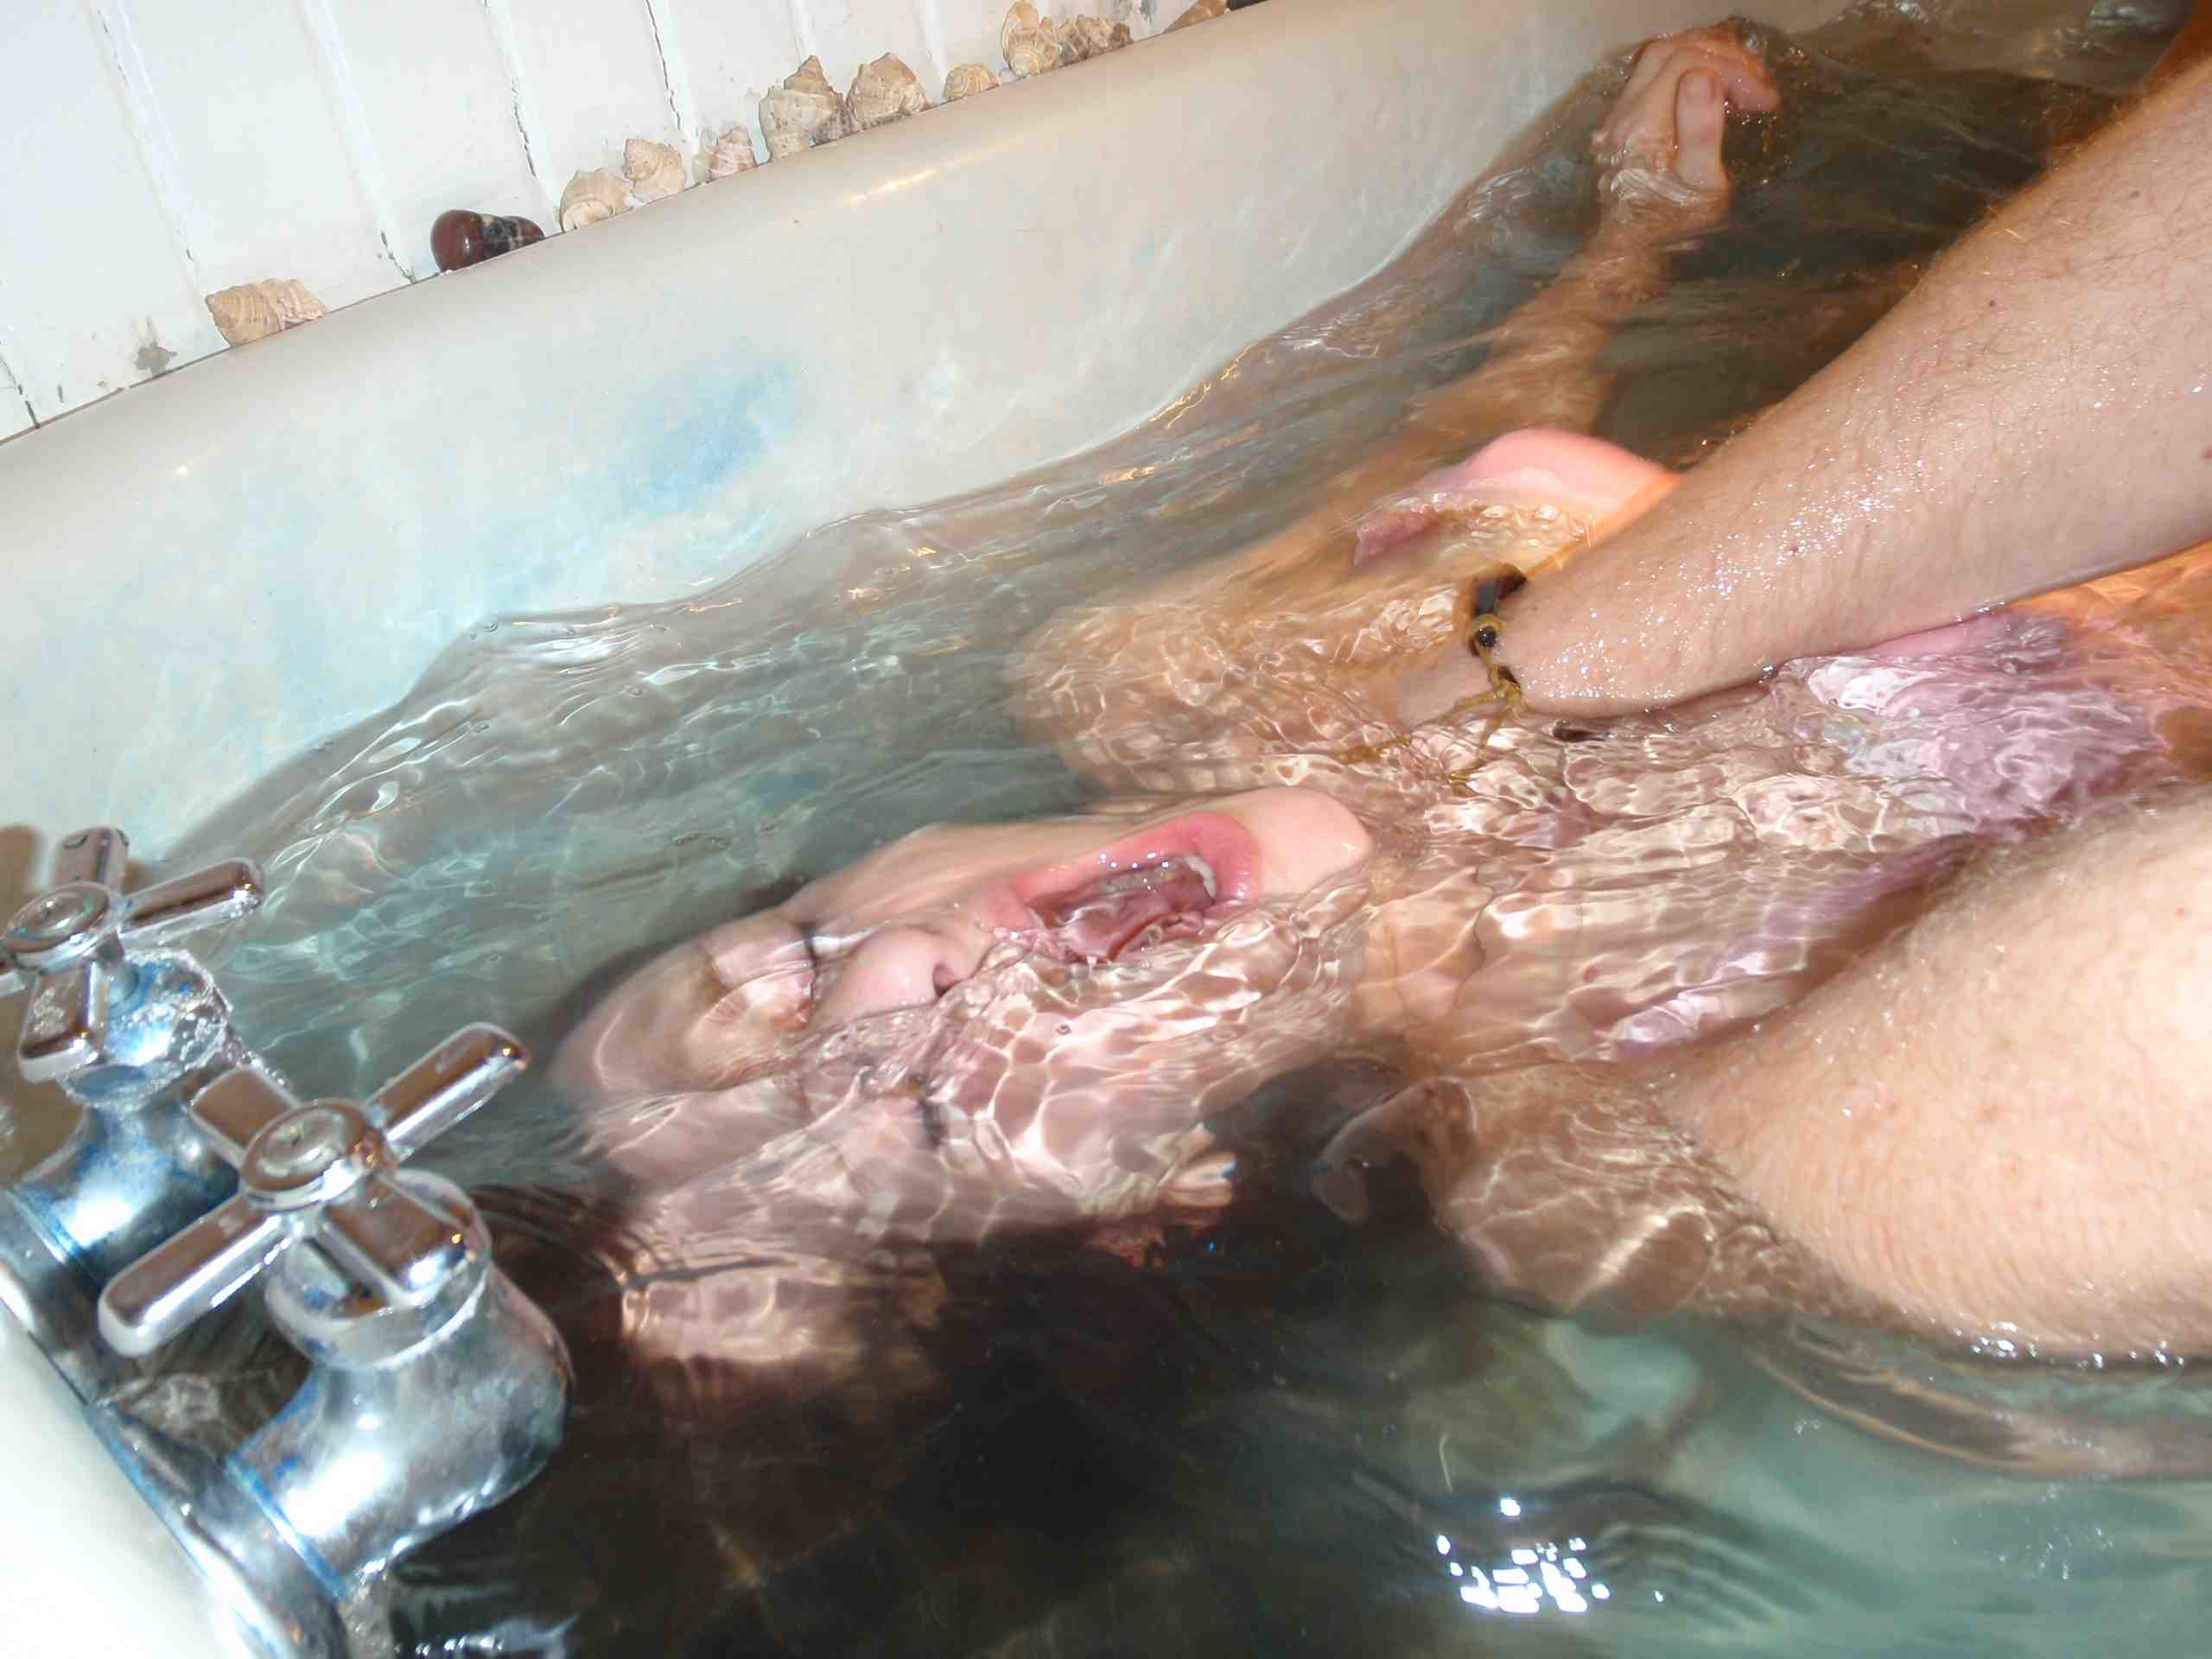 【エロ画像】死ぬ一歩手前まで拷問しないと興奮しない男に出会った女性、最後は溺死する模様。。(閲覧注意)・3枚目